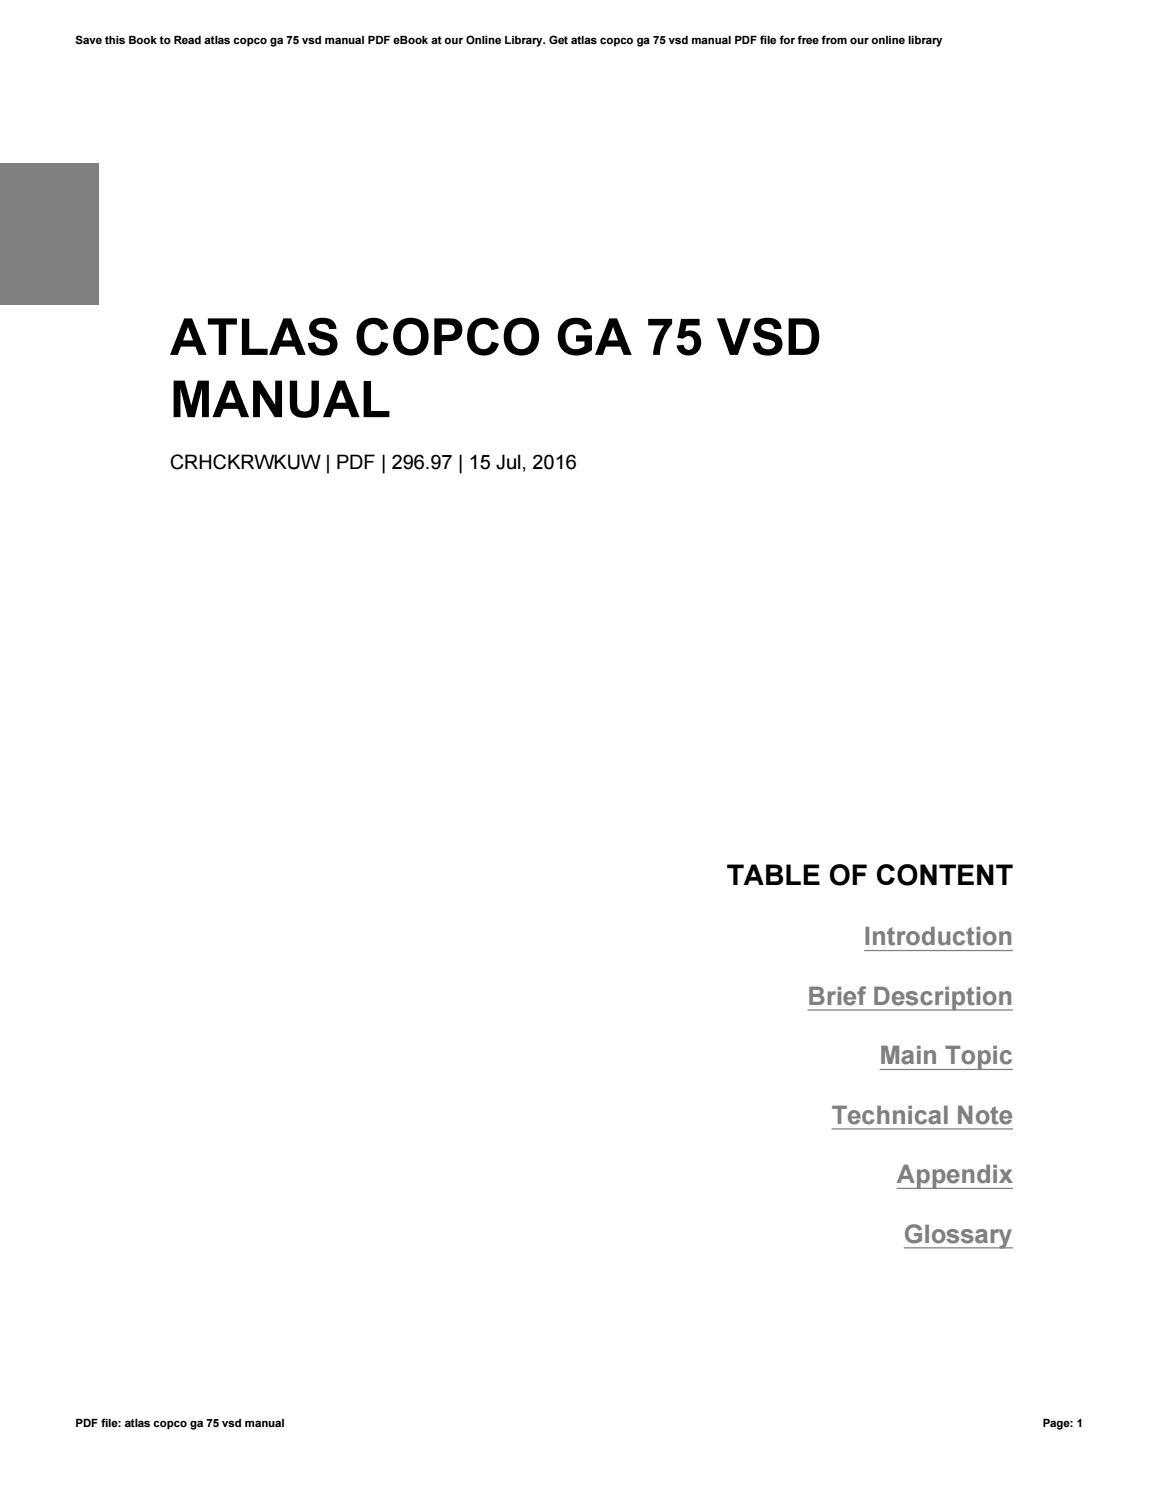 Atlas Copco Ga 75 Vsd Manual By Ryanlozano3384